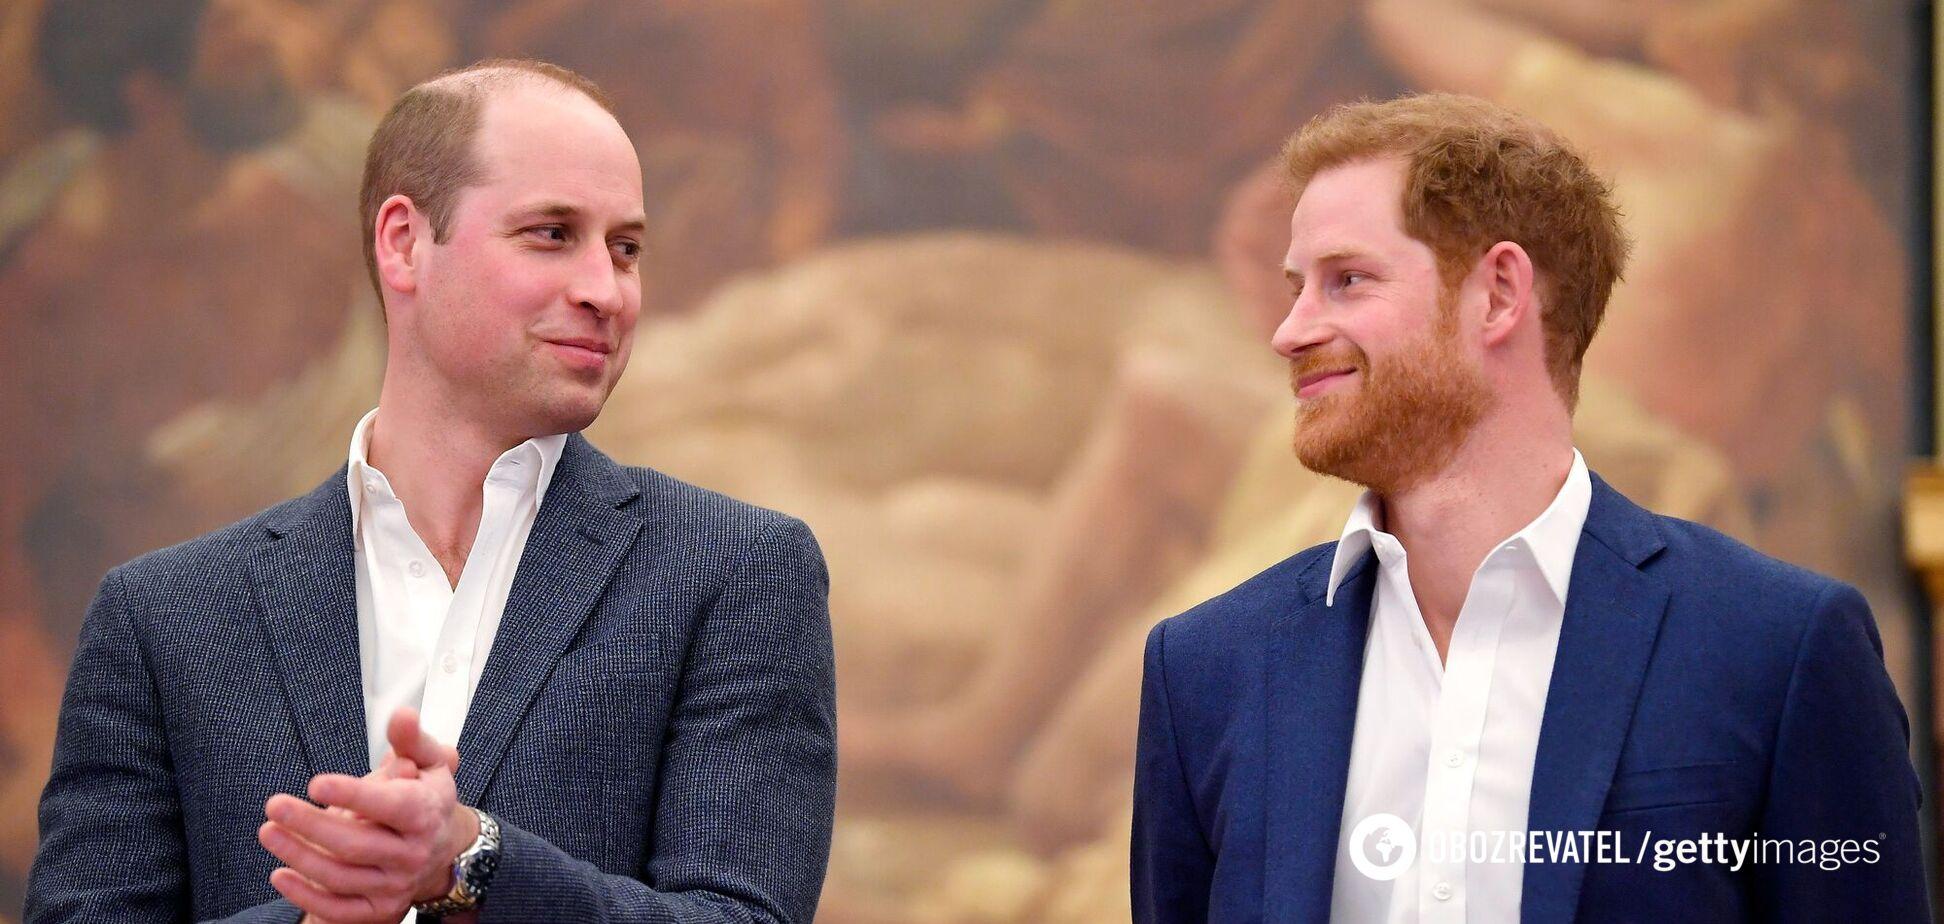 Принцы Гарри и Уильям объявили перемирие